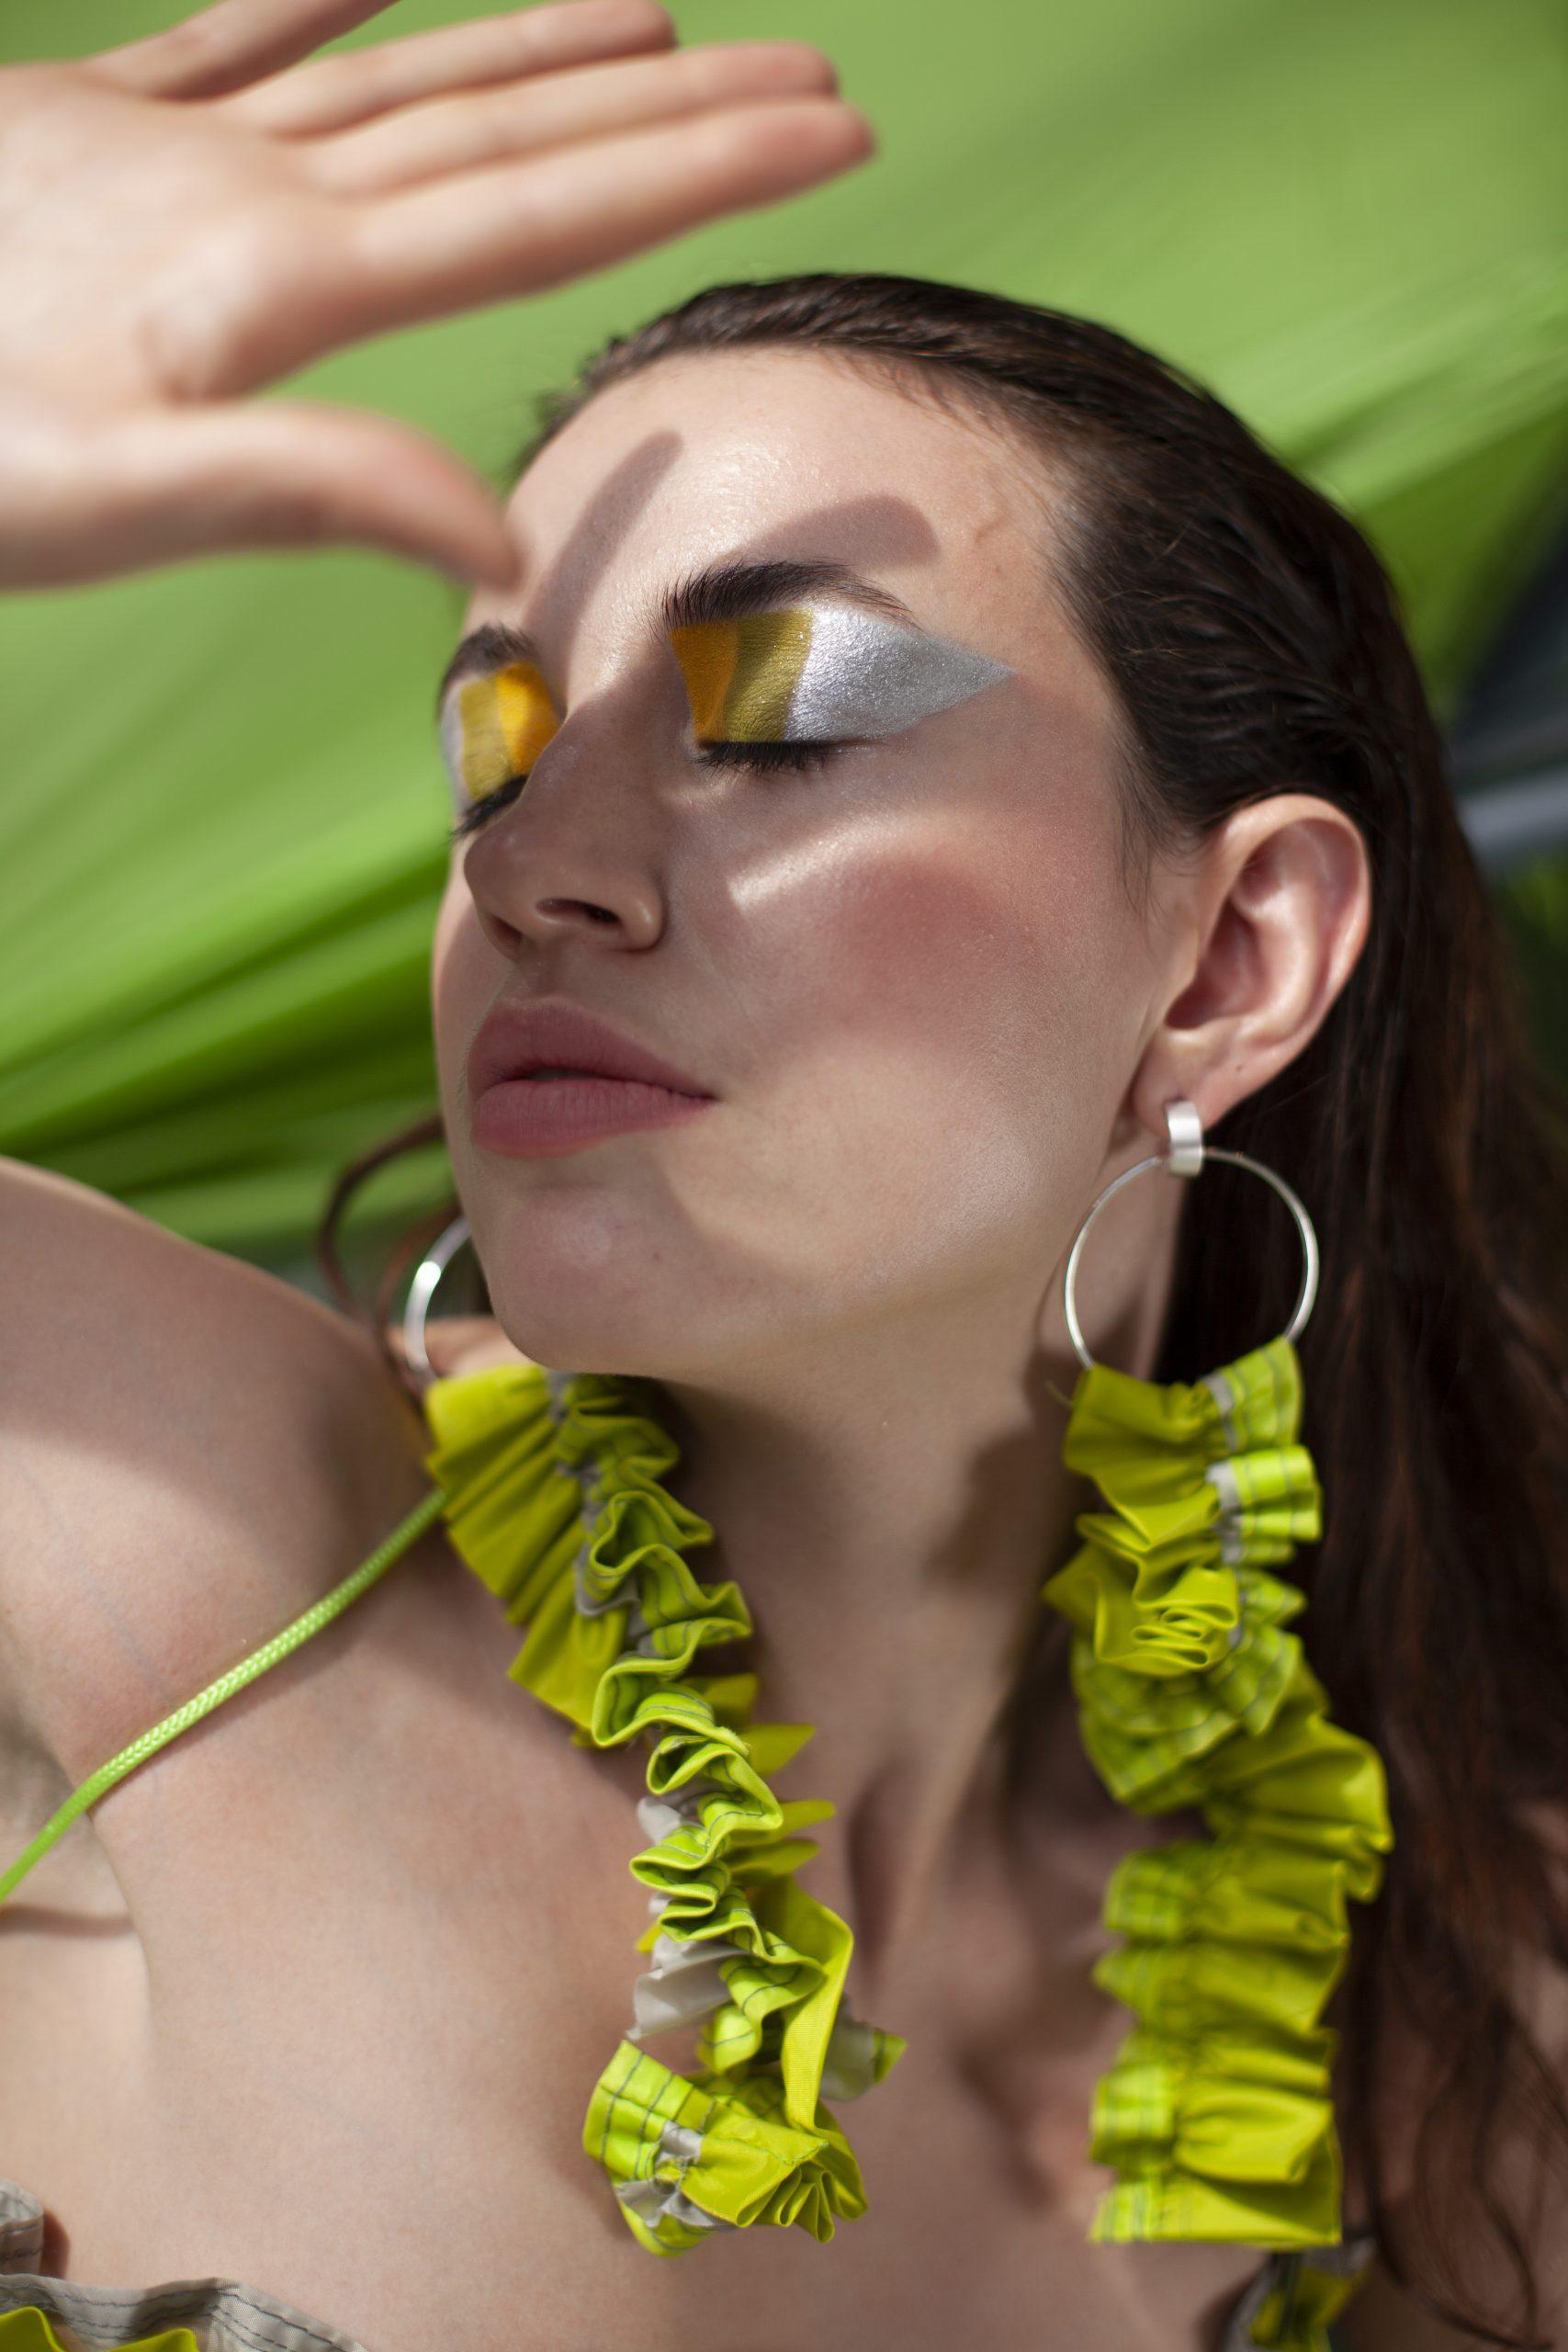 Festival_Couture_DesignAxelVerwee_PhotoRicardoDutkowiak